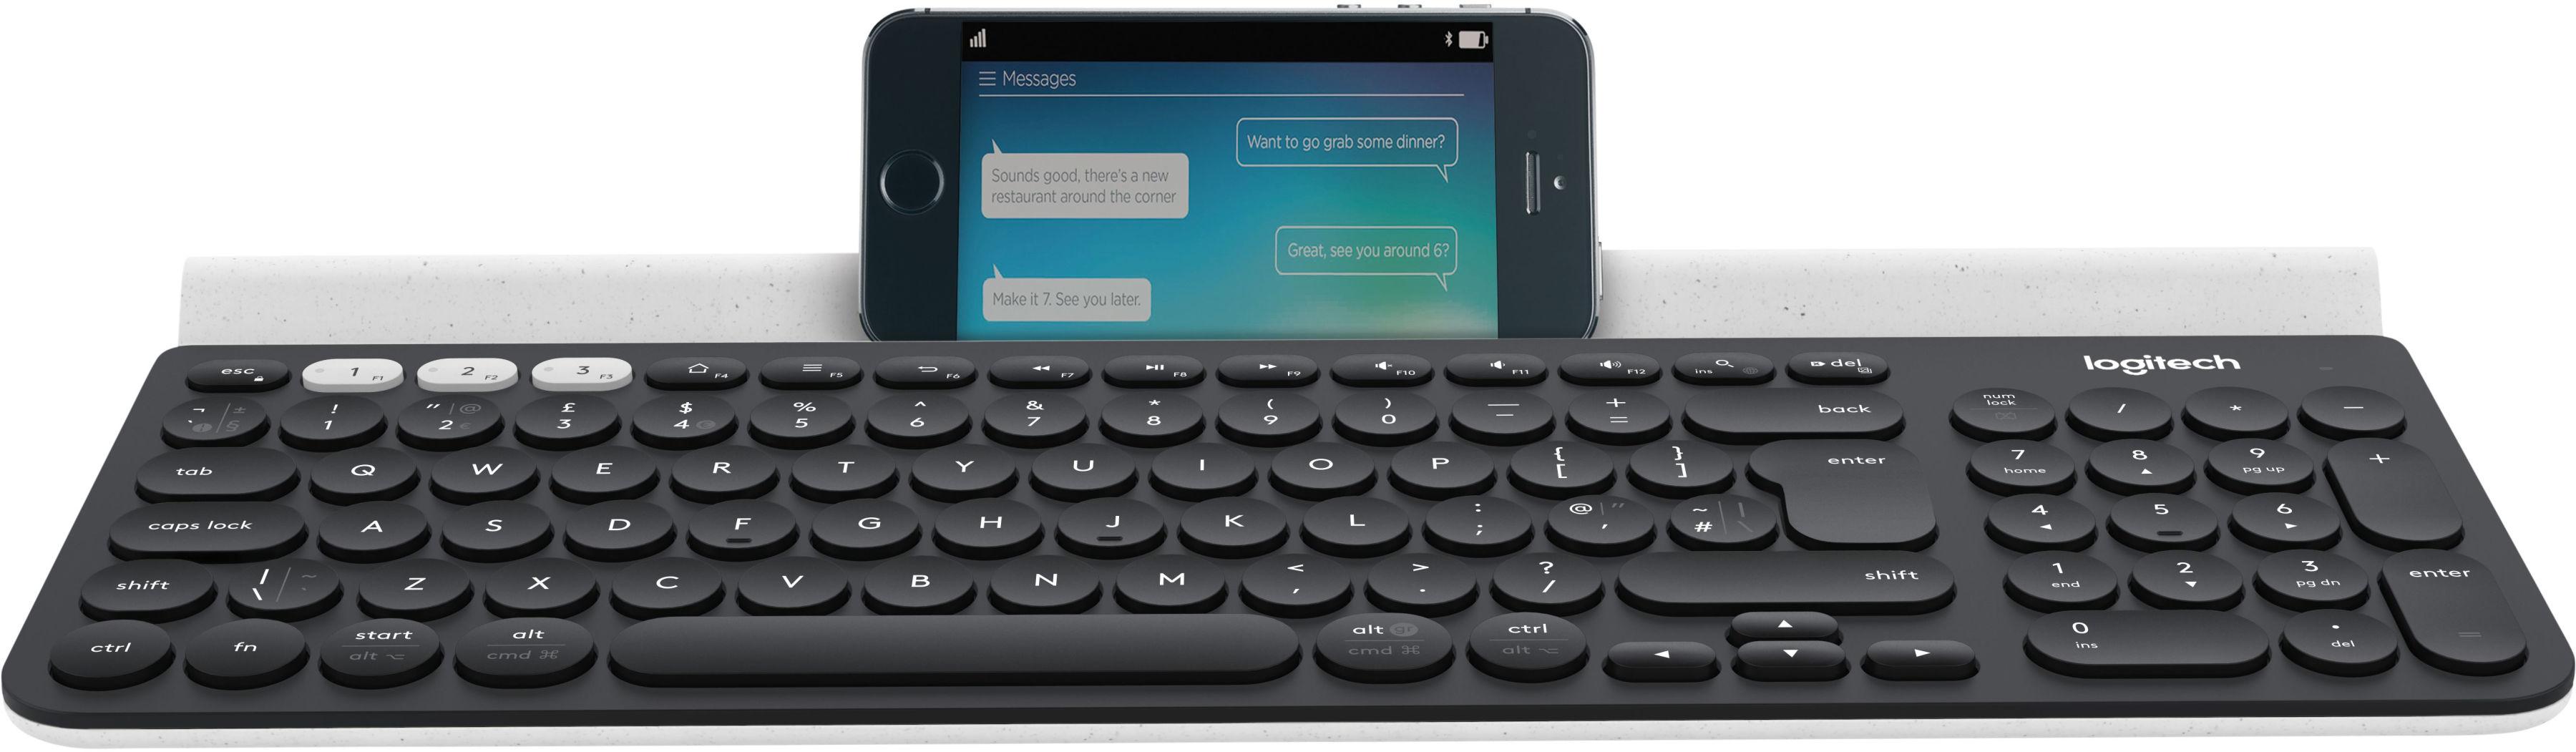 Logitech K780 Multi-Device Wireless Keyboard - DARK GREY/SPECKLED